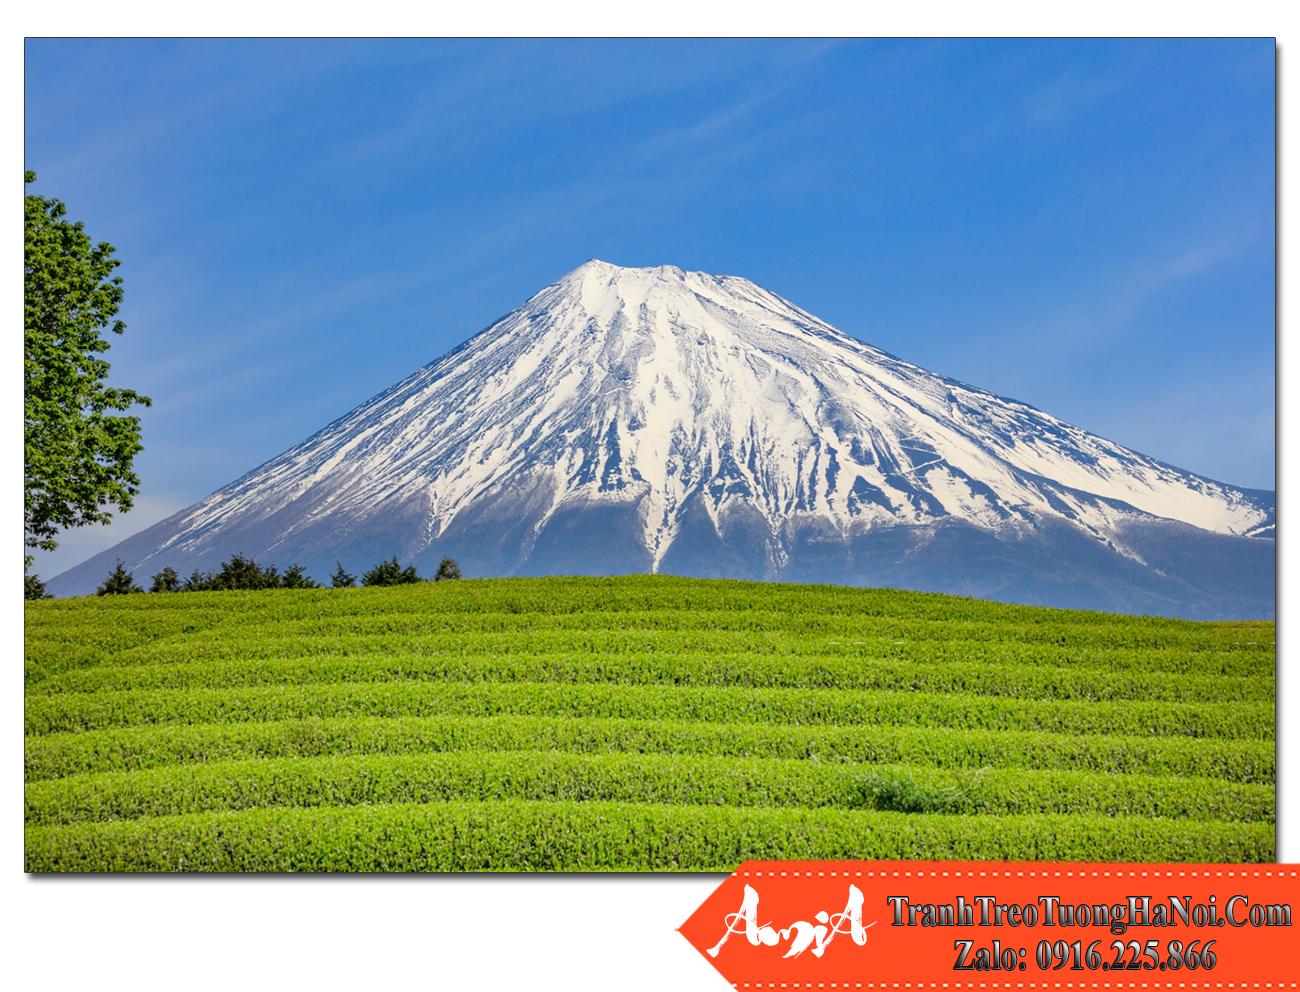 Tranh treo tường núi phú sỹ đồi chè IMAMiya nhật bản Amia NPS111